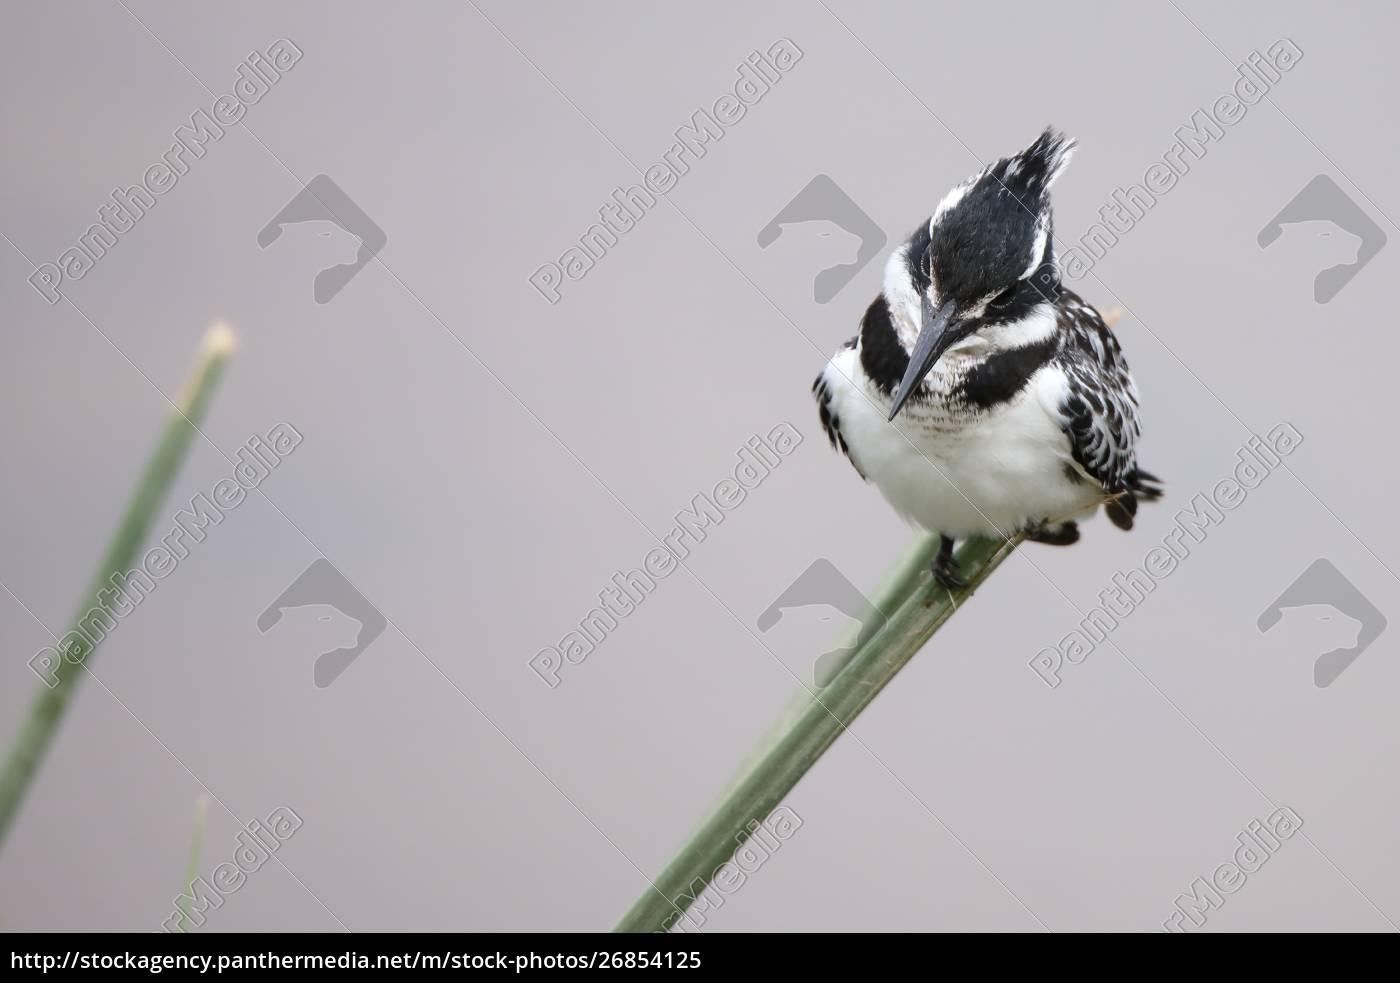 pied, eisvogel, sitzt, auf, einem, grashalm - 26854125